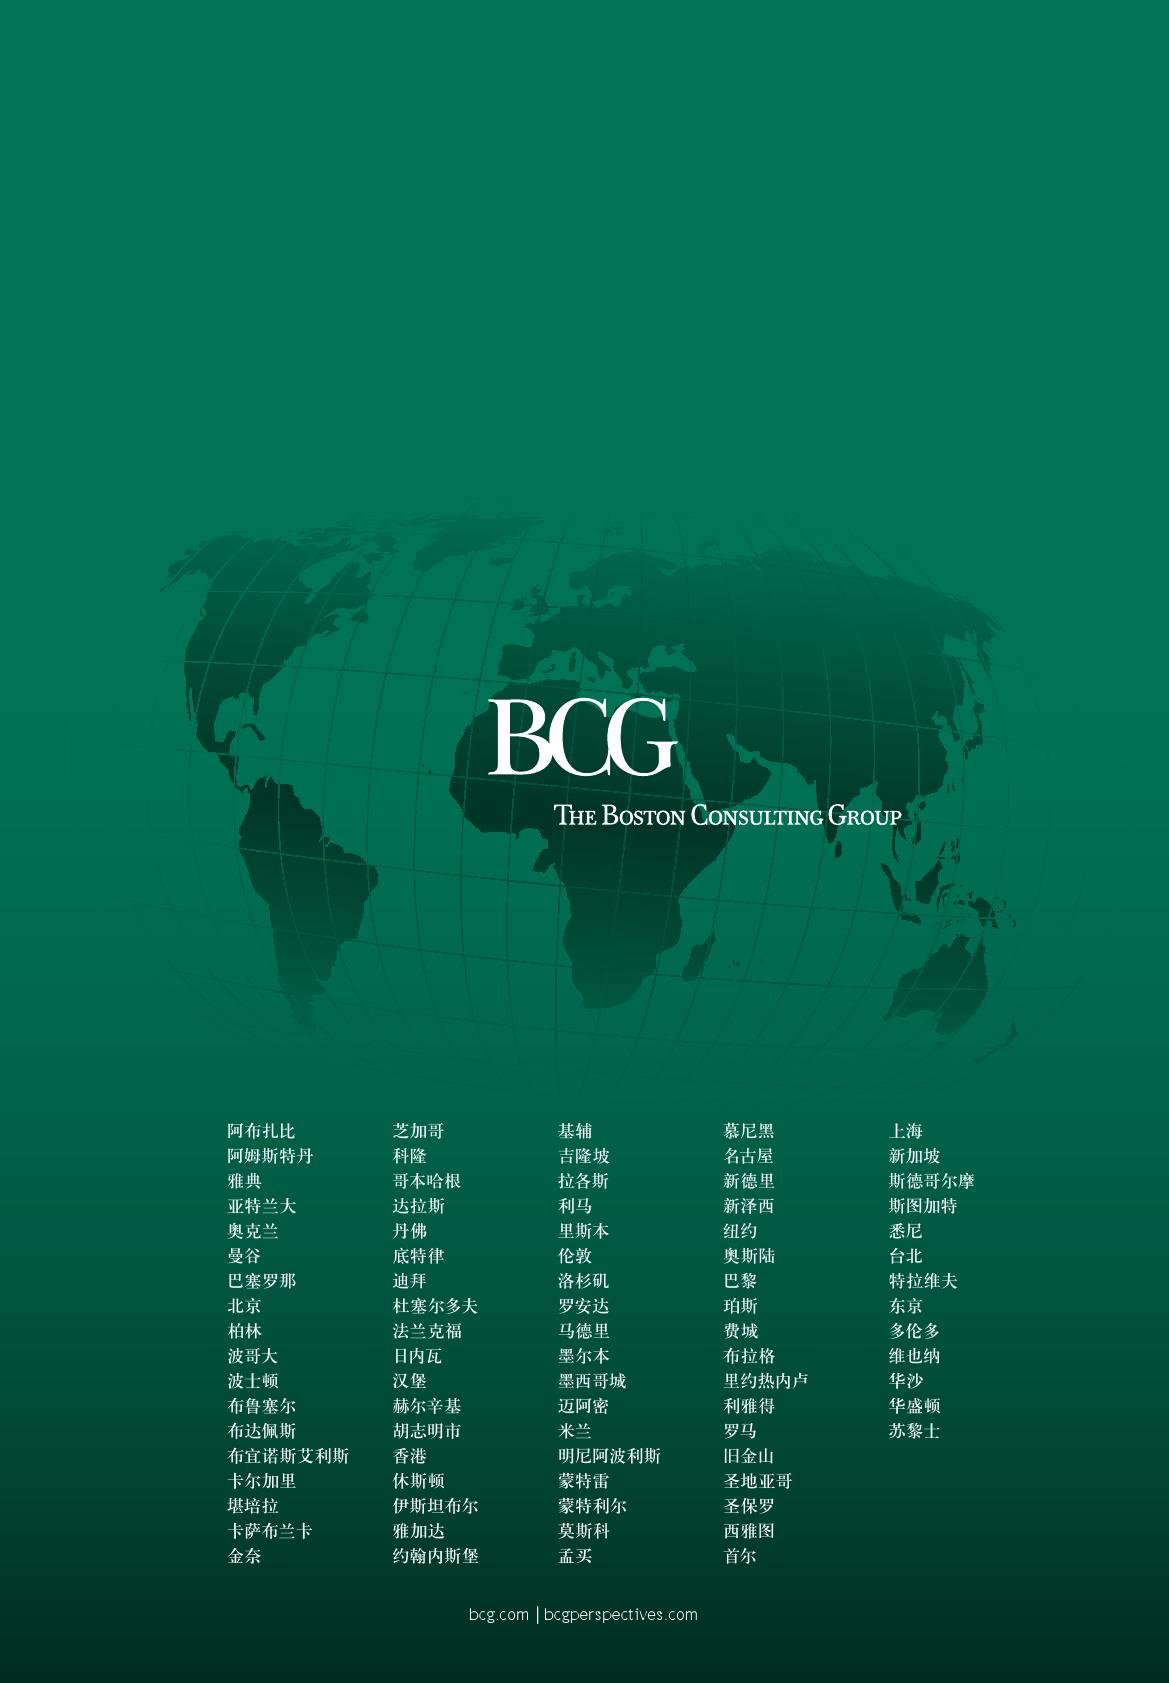 2016年全球资本市场报告_000026